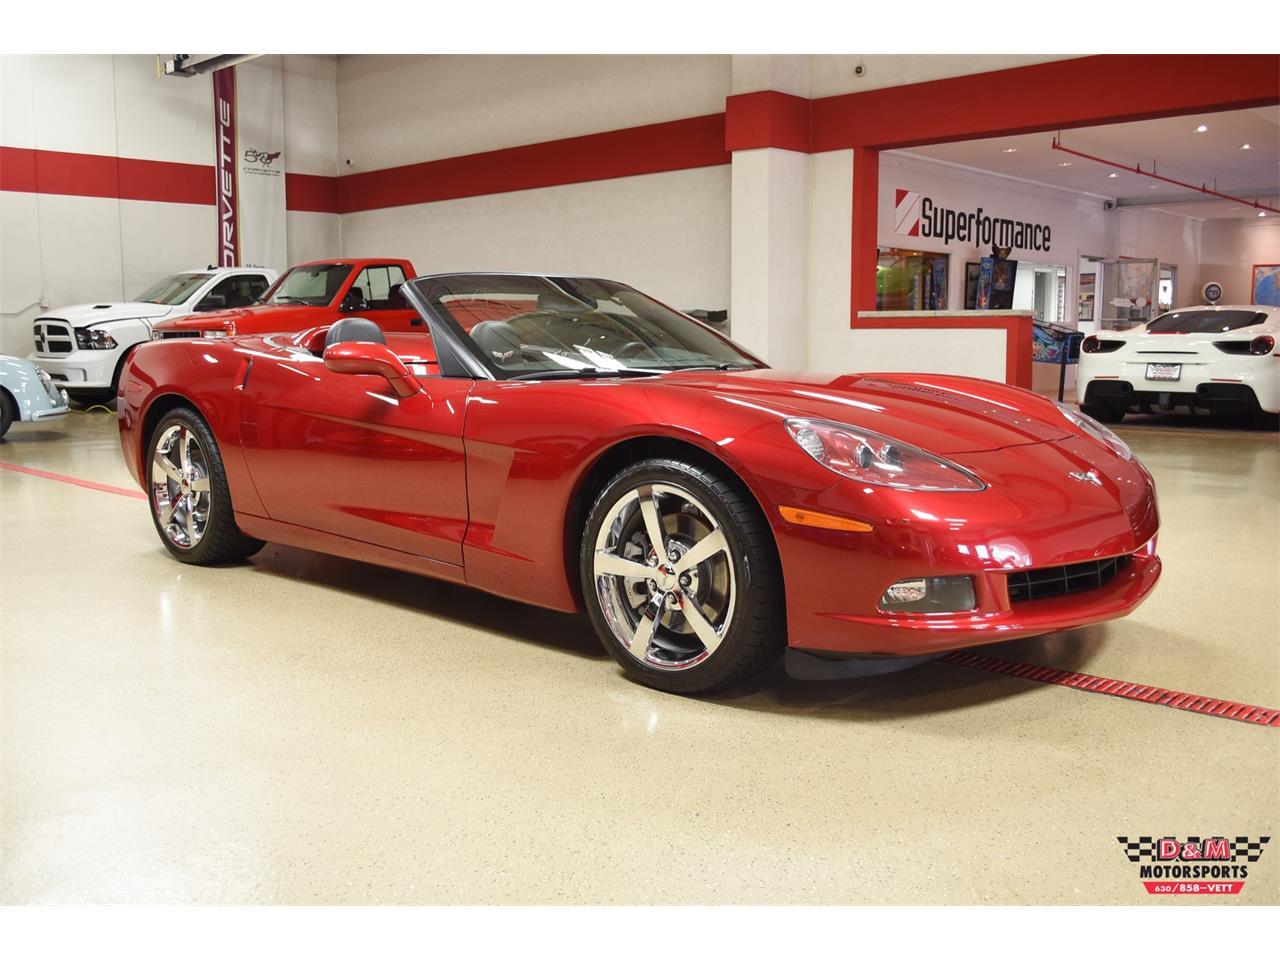 2010 Chevrolet Corvette (CC-1390813) for sale in Glen Ellyn, Illinois